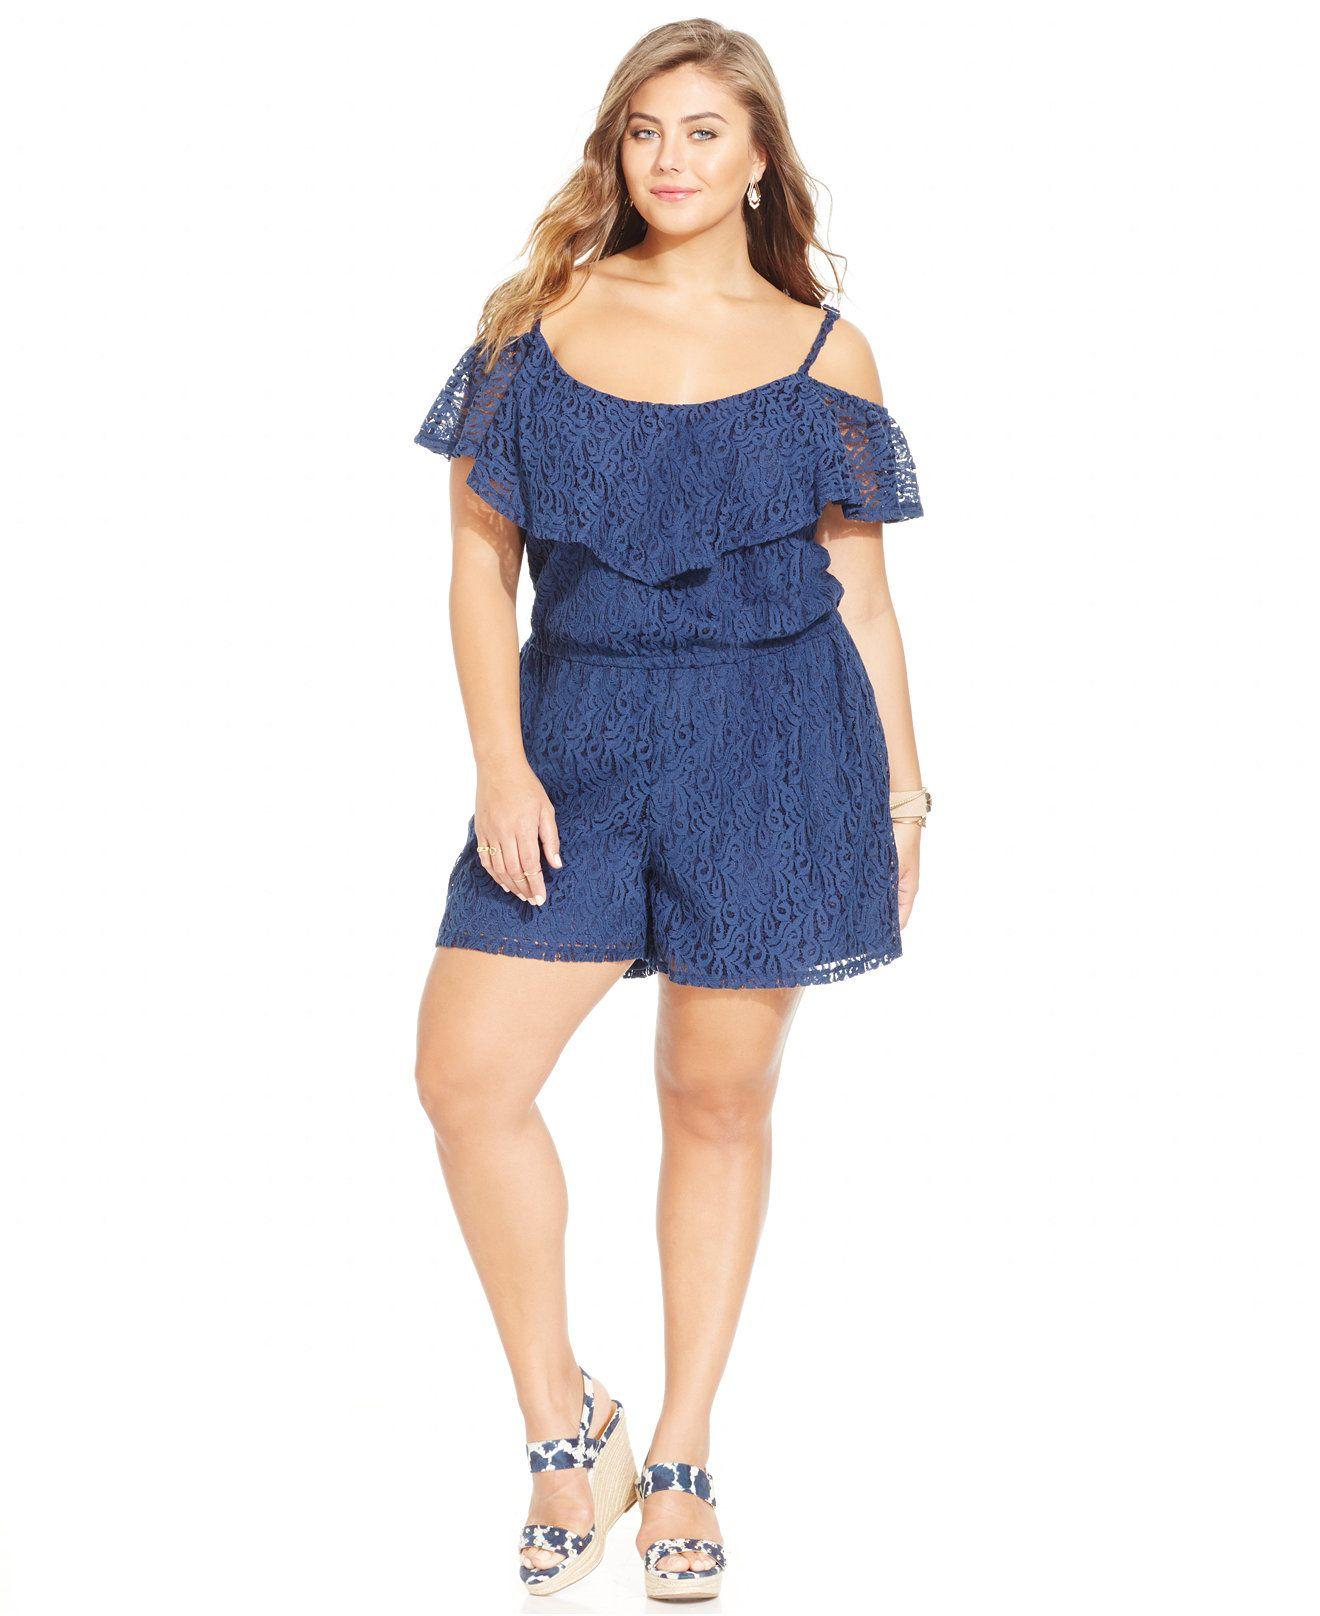 d0a7cd93154 Jessica Simpson Plus Size Off-The-Shoulder Lace Romper - Jumpsuits   Rompers  - Plus Sizes - Macy s